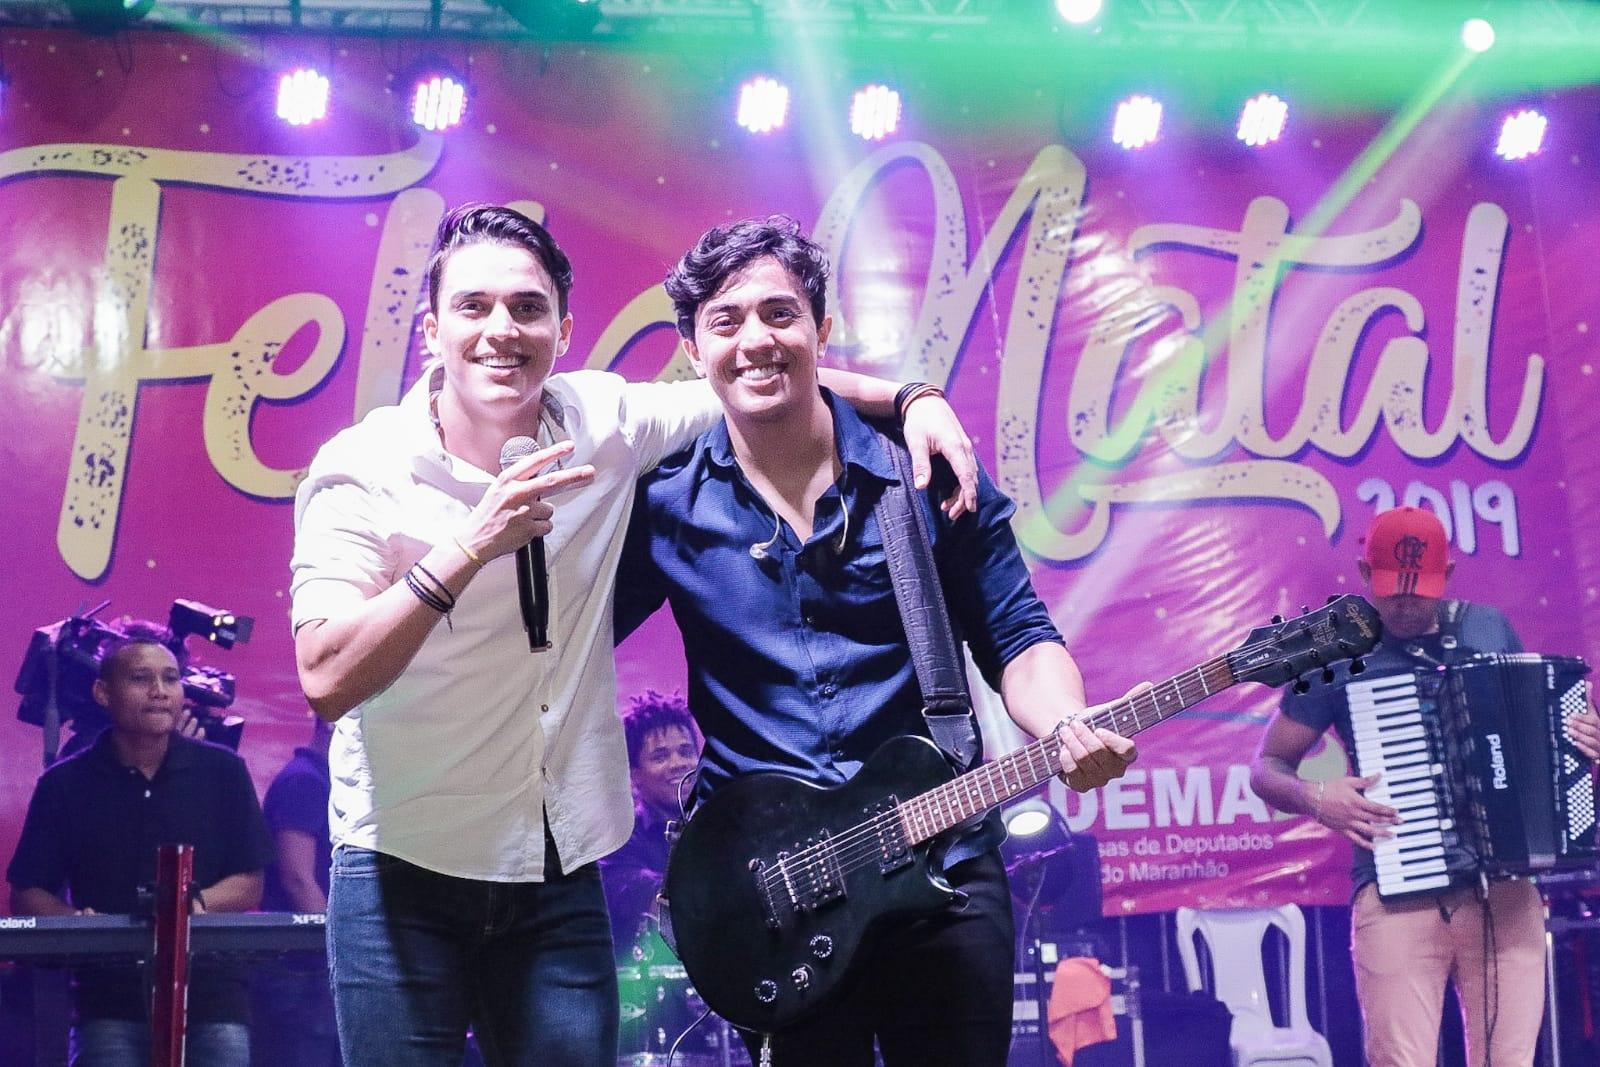 A dupla sertaneja Fernando & Franco apresentou um show dançante durante o evento